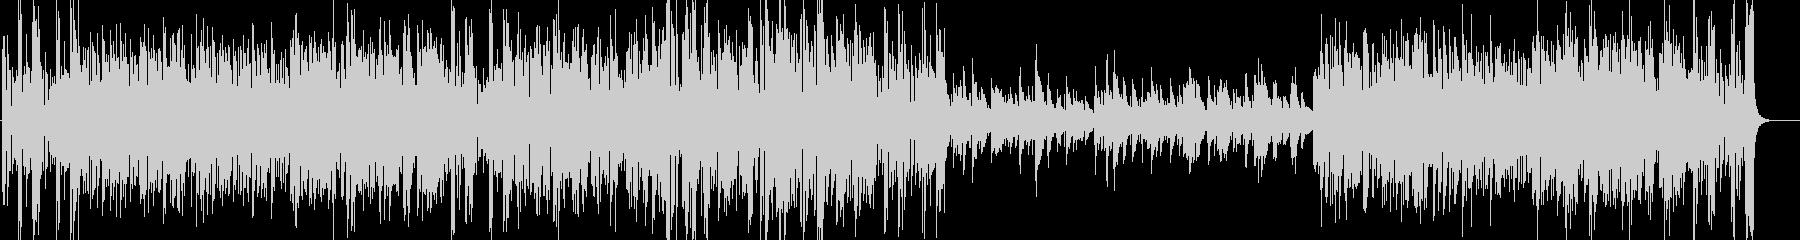 エルガー威風堂々 ビッグバンドジャズ版の未再生の波形